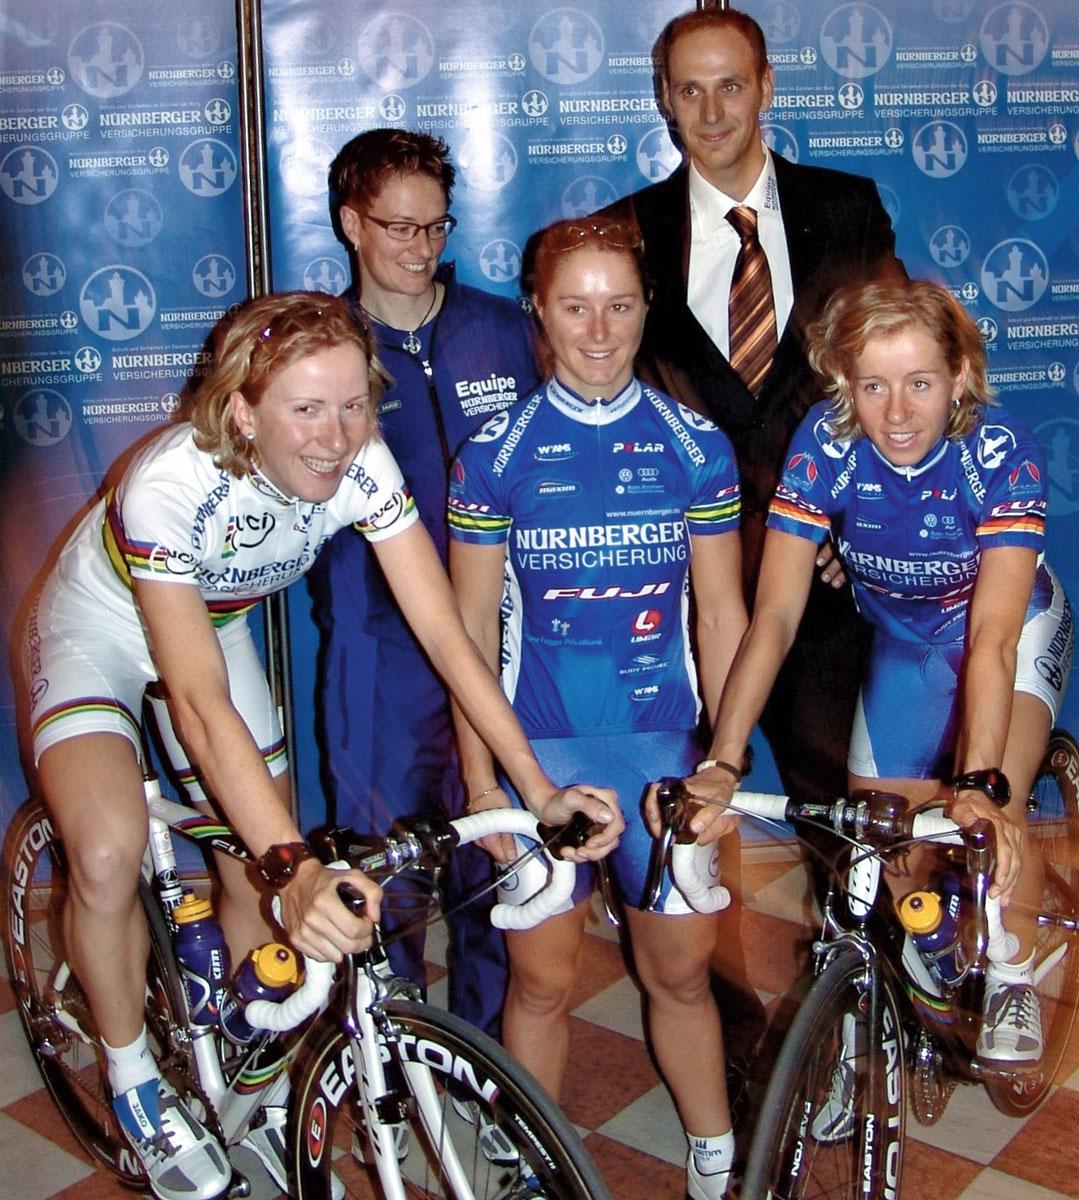 Von links: Judith Arndt Weltmeisterin 2004, Mannschaftskapitänin Petra Roßner, Oenone Wood Weltcup-Gesamtsiegerin 2006 und Australische Meisterin, Jens Zemke Sportlicher Leiter, Trixi Worrack Deutsche Meisterin.